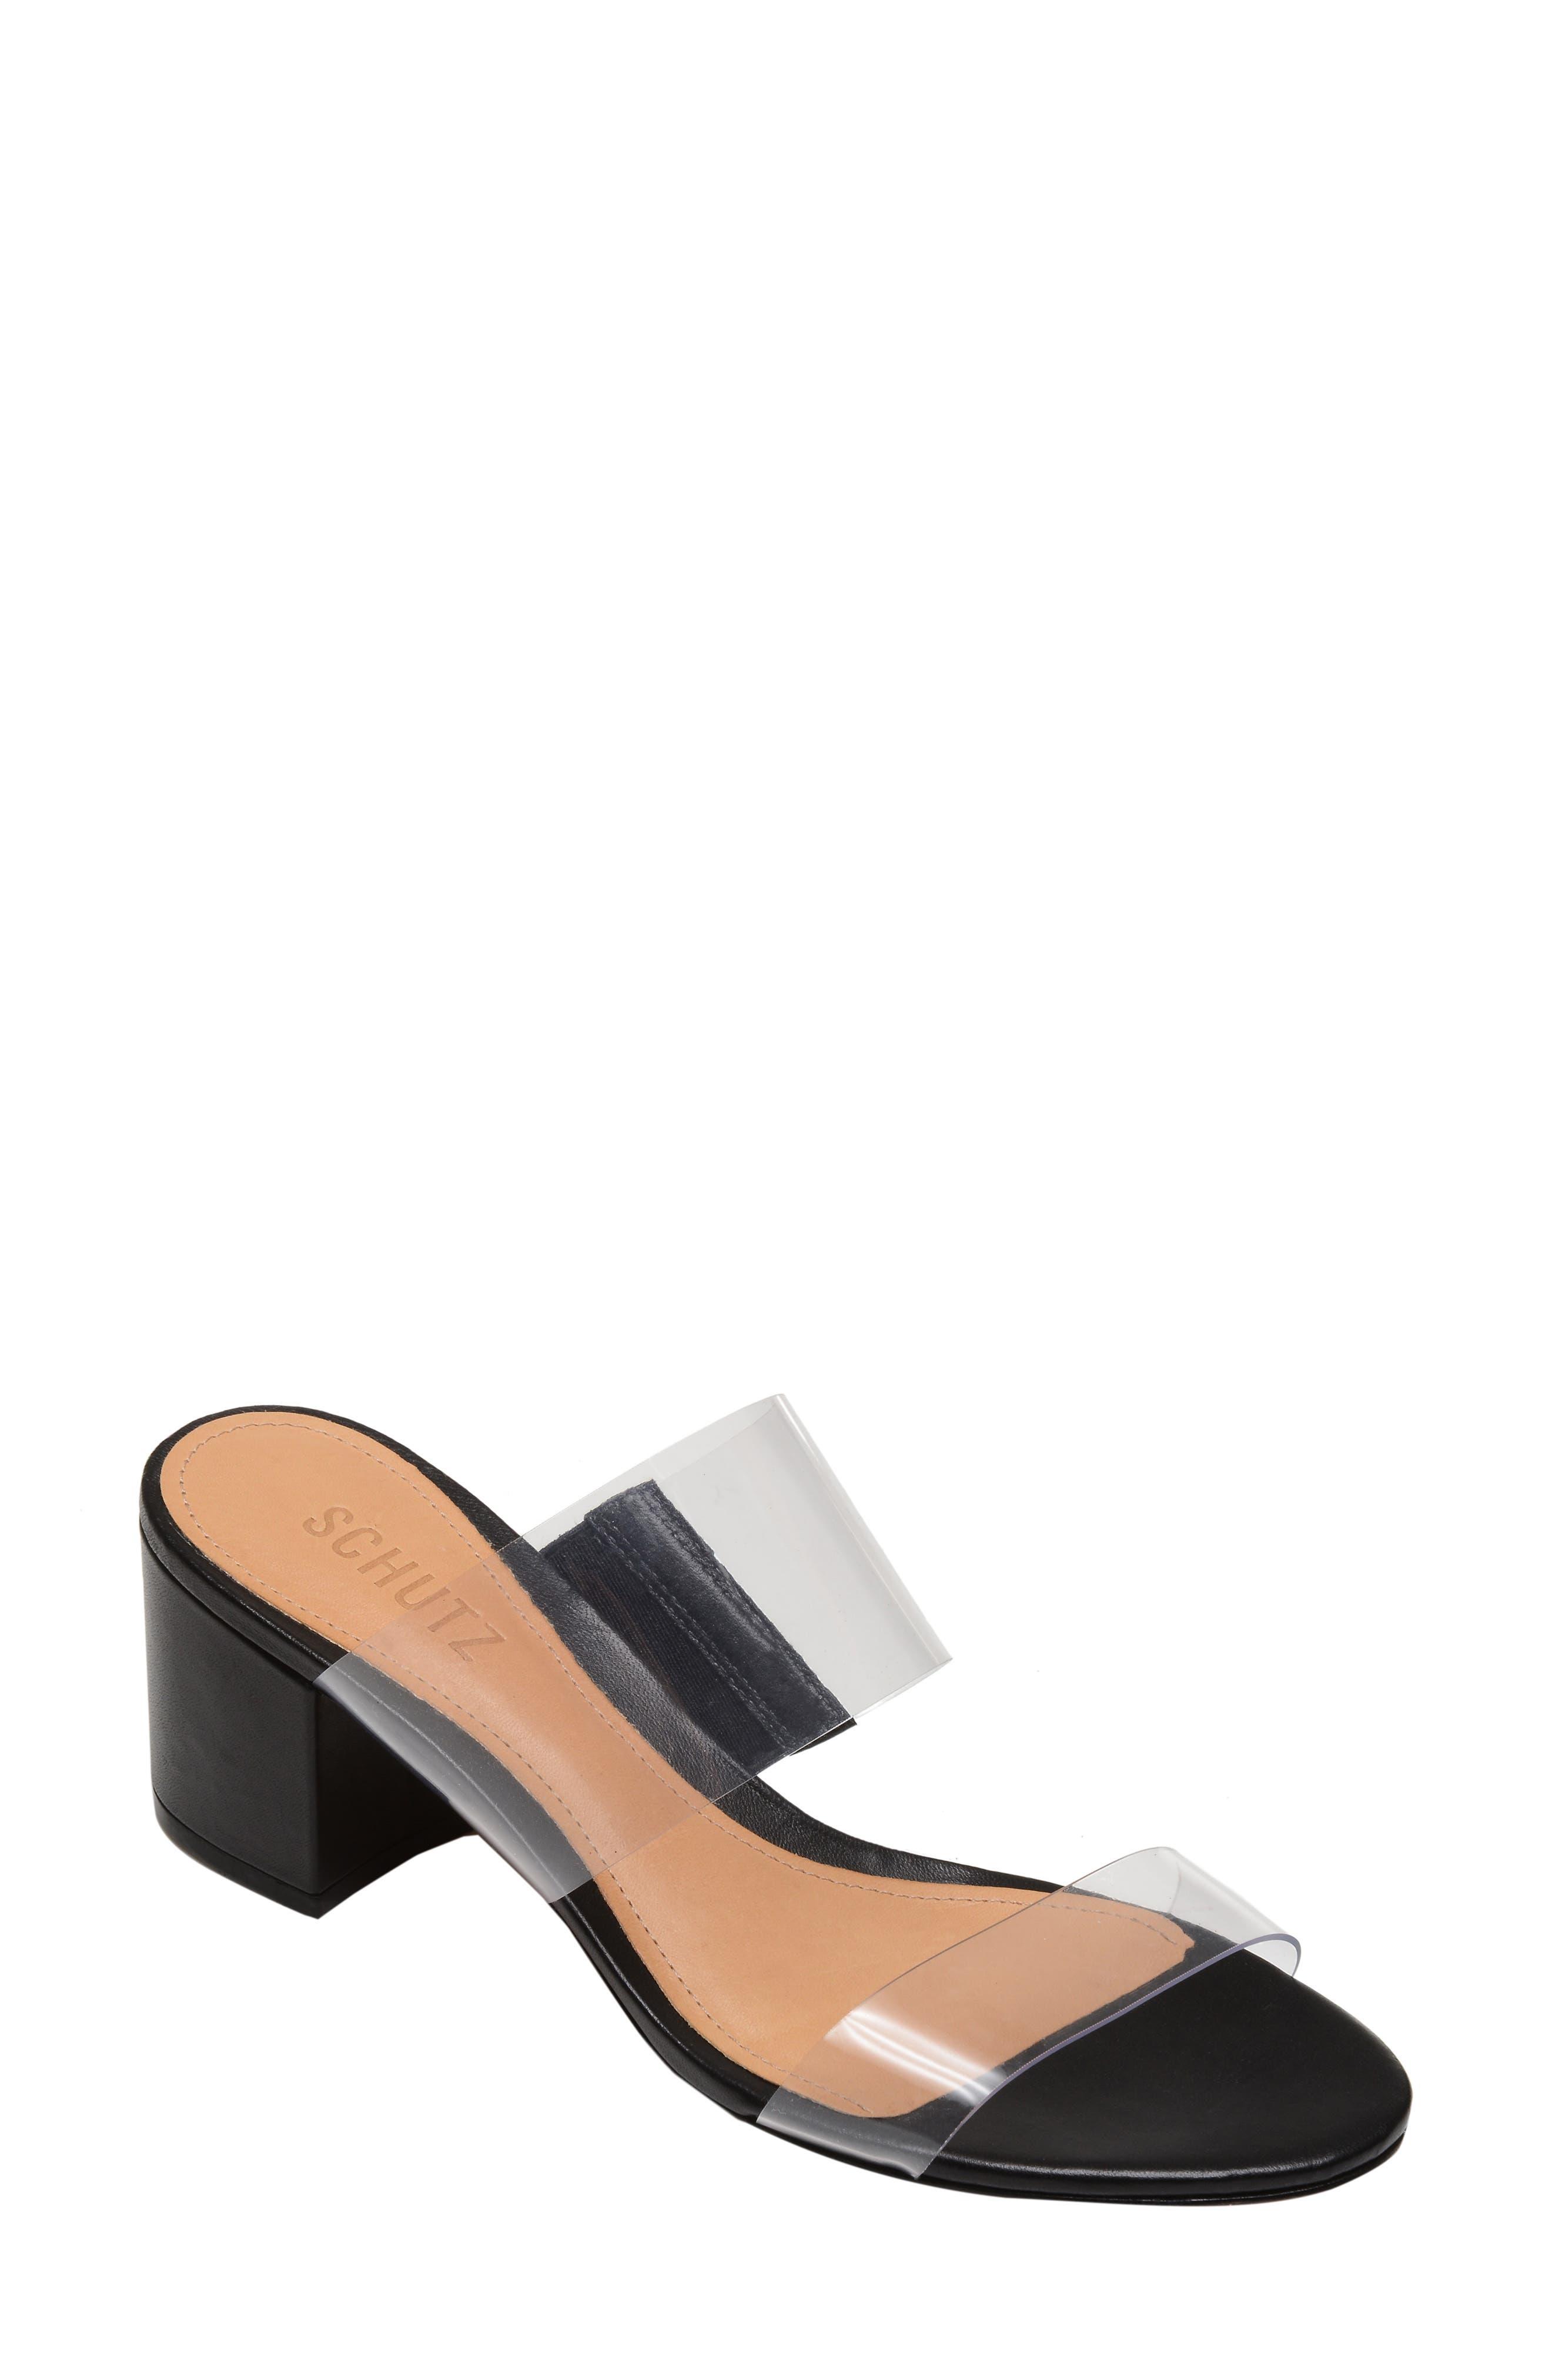 Women's Schutz Sandals and Flip-Flops